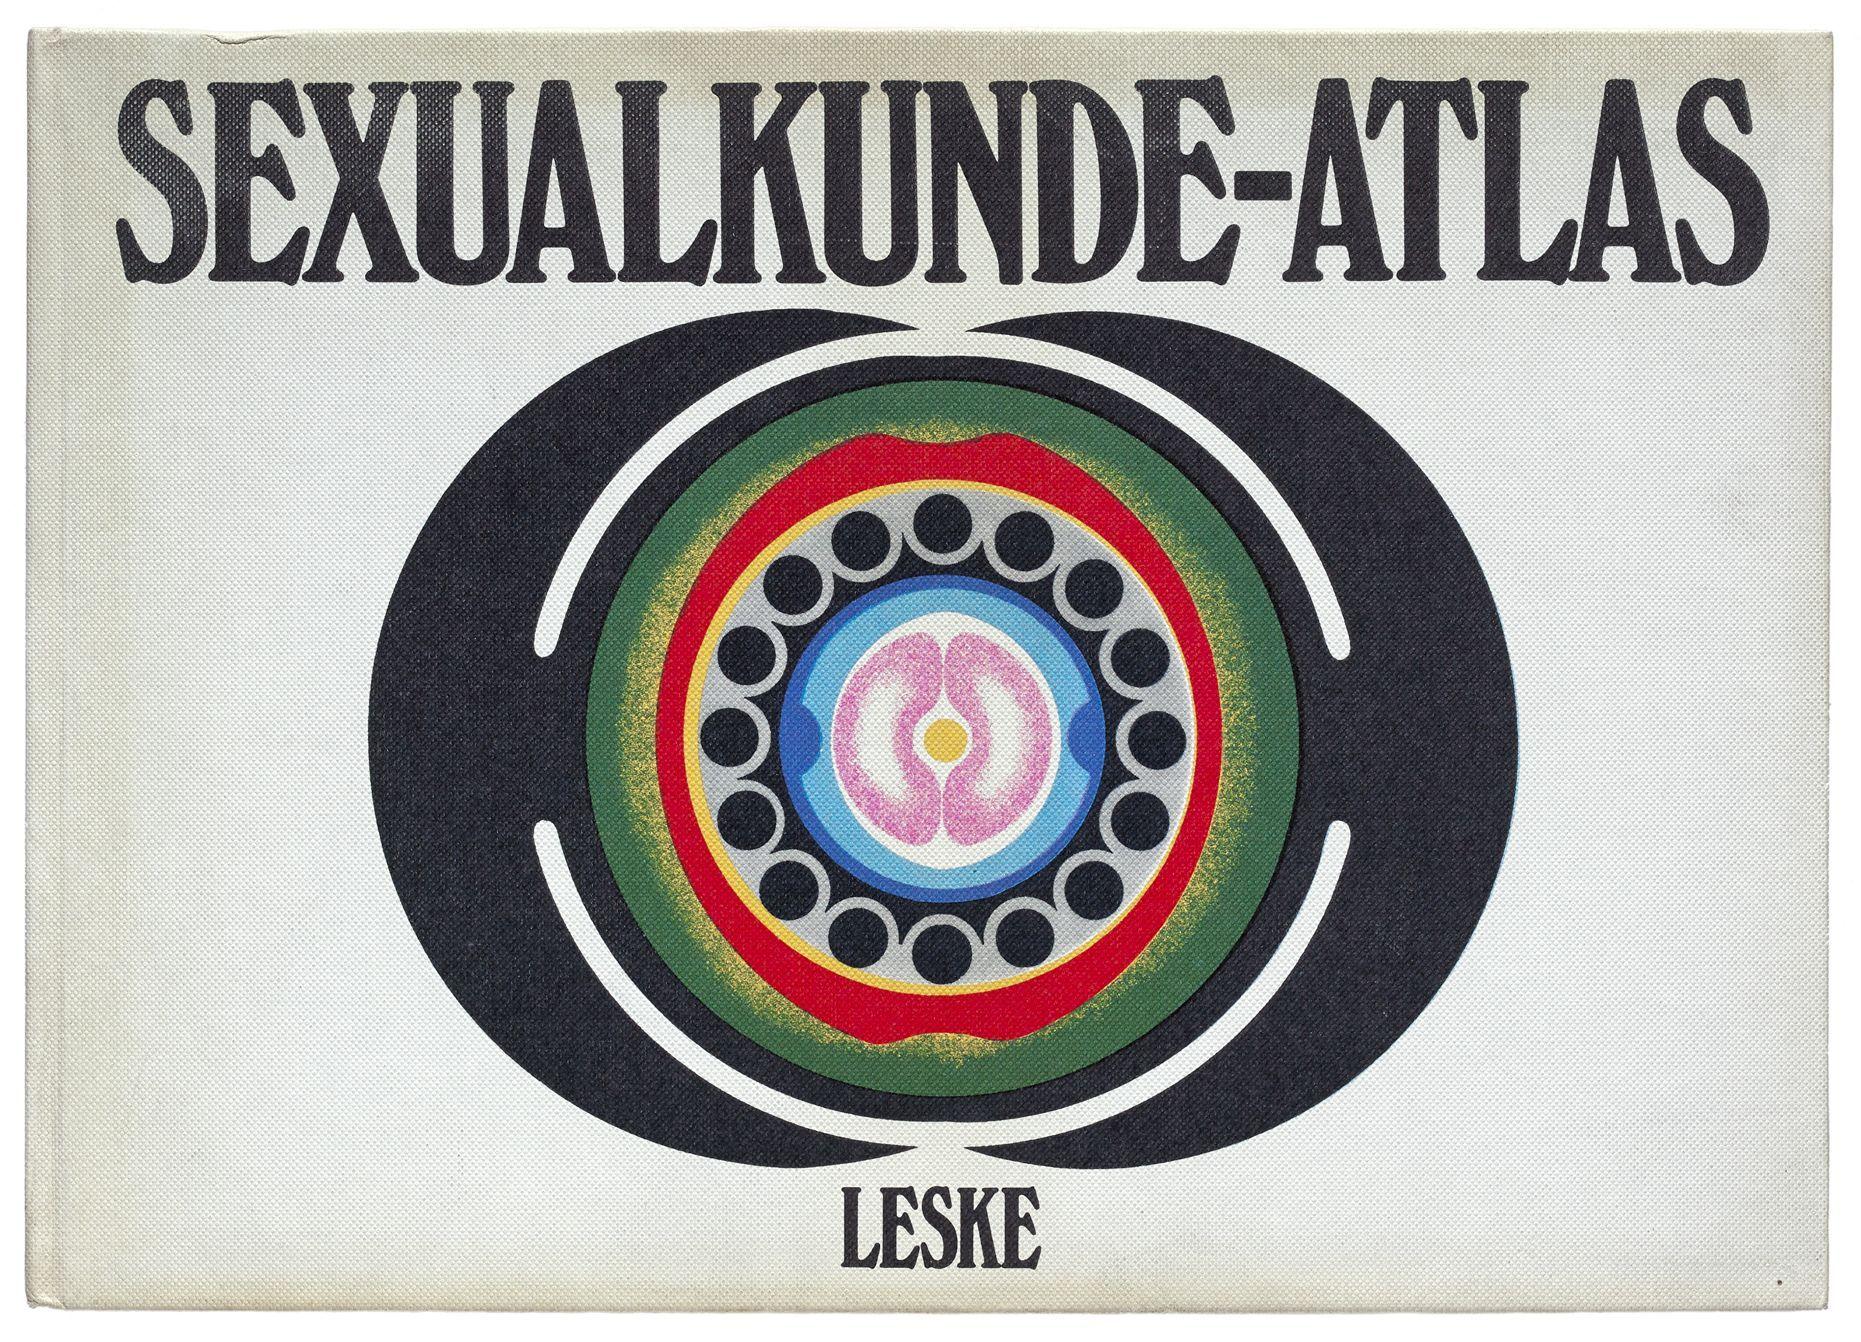 Sexualkunde-Atlas aus dem Leske-Verlag von 1969